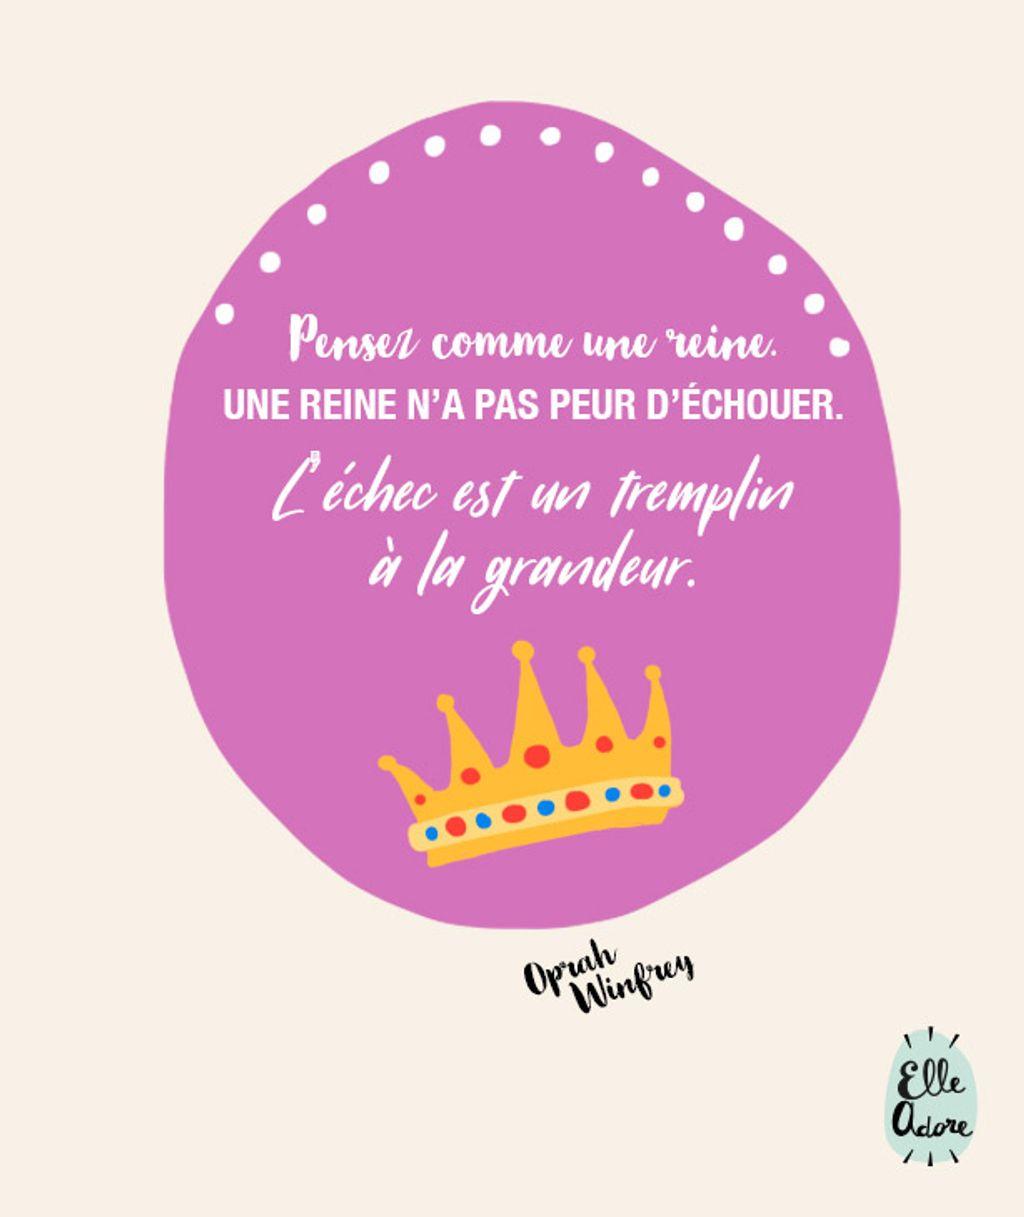 Penser comme une reine. Une reine n'a pas peur d'échouer. L'échec est un tremplin à la grandeur.